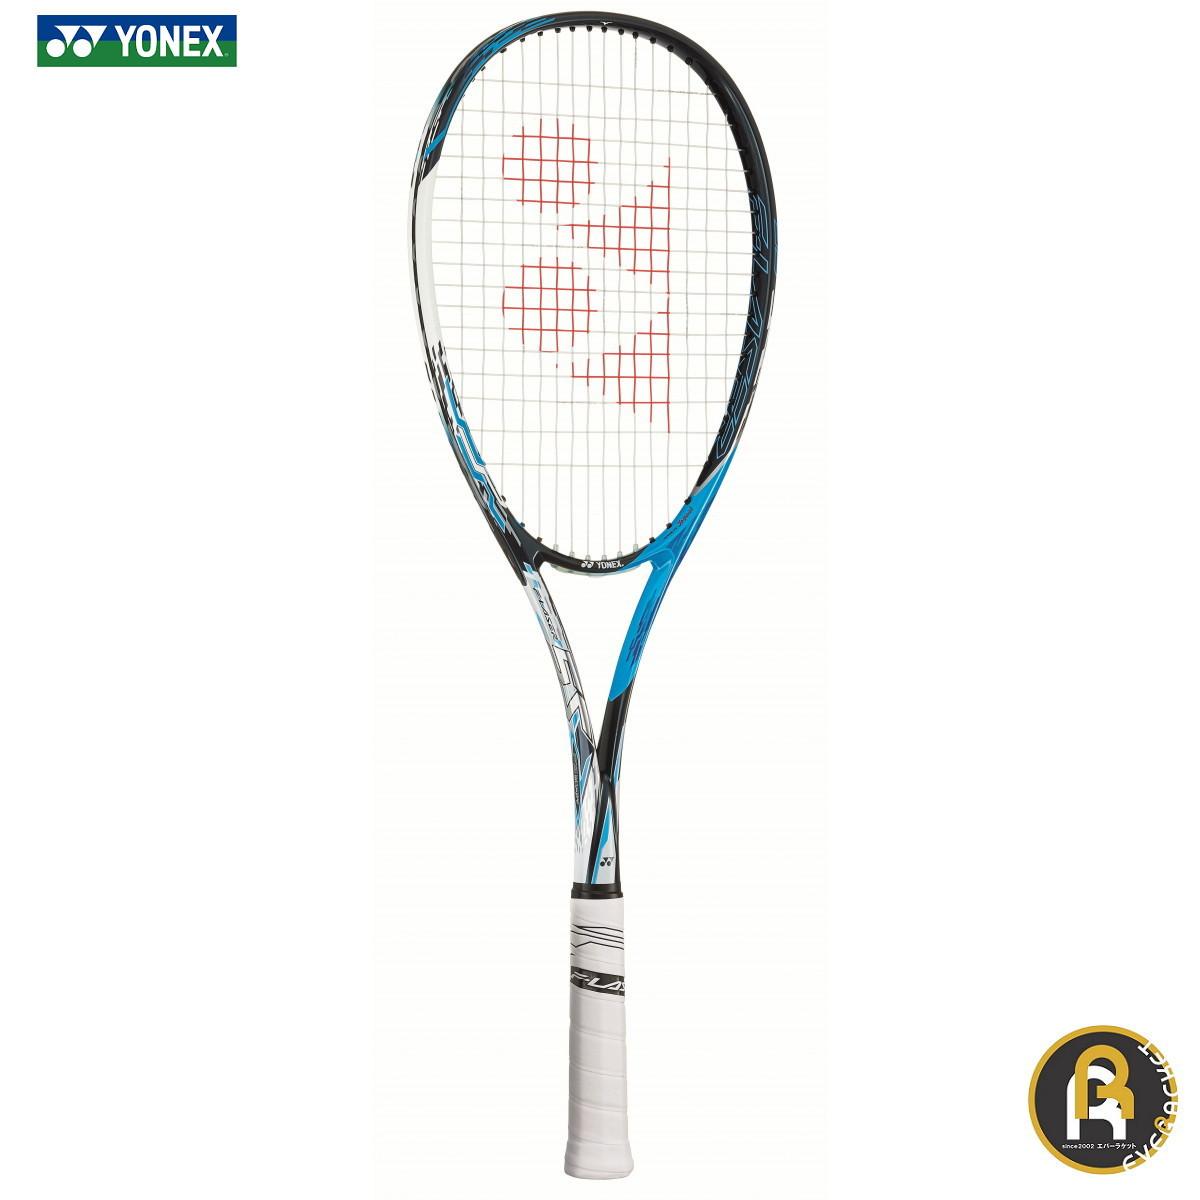 YONEX ヨネックス ソフトテニス ソフトテニスラケット エフレーザー5S FLR5S《ガット代・張り代無料》